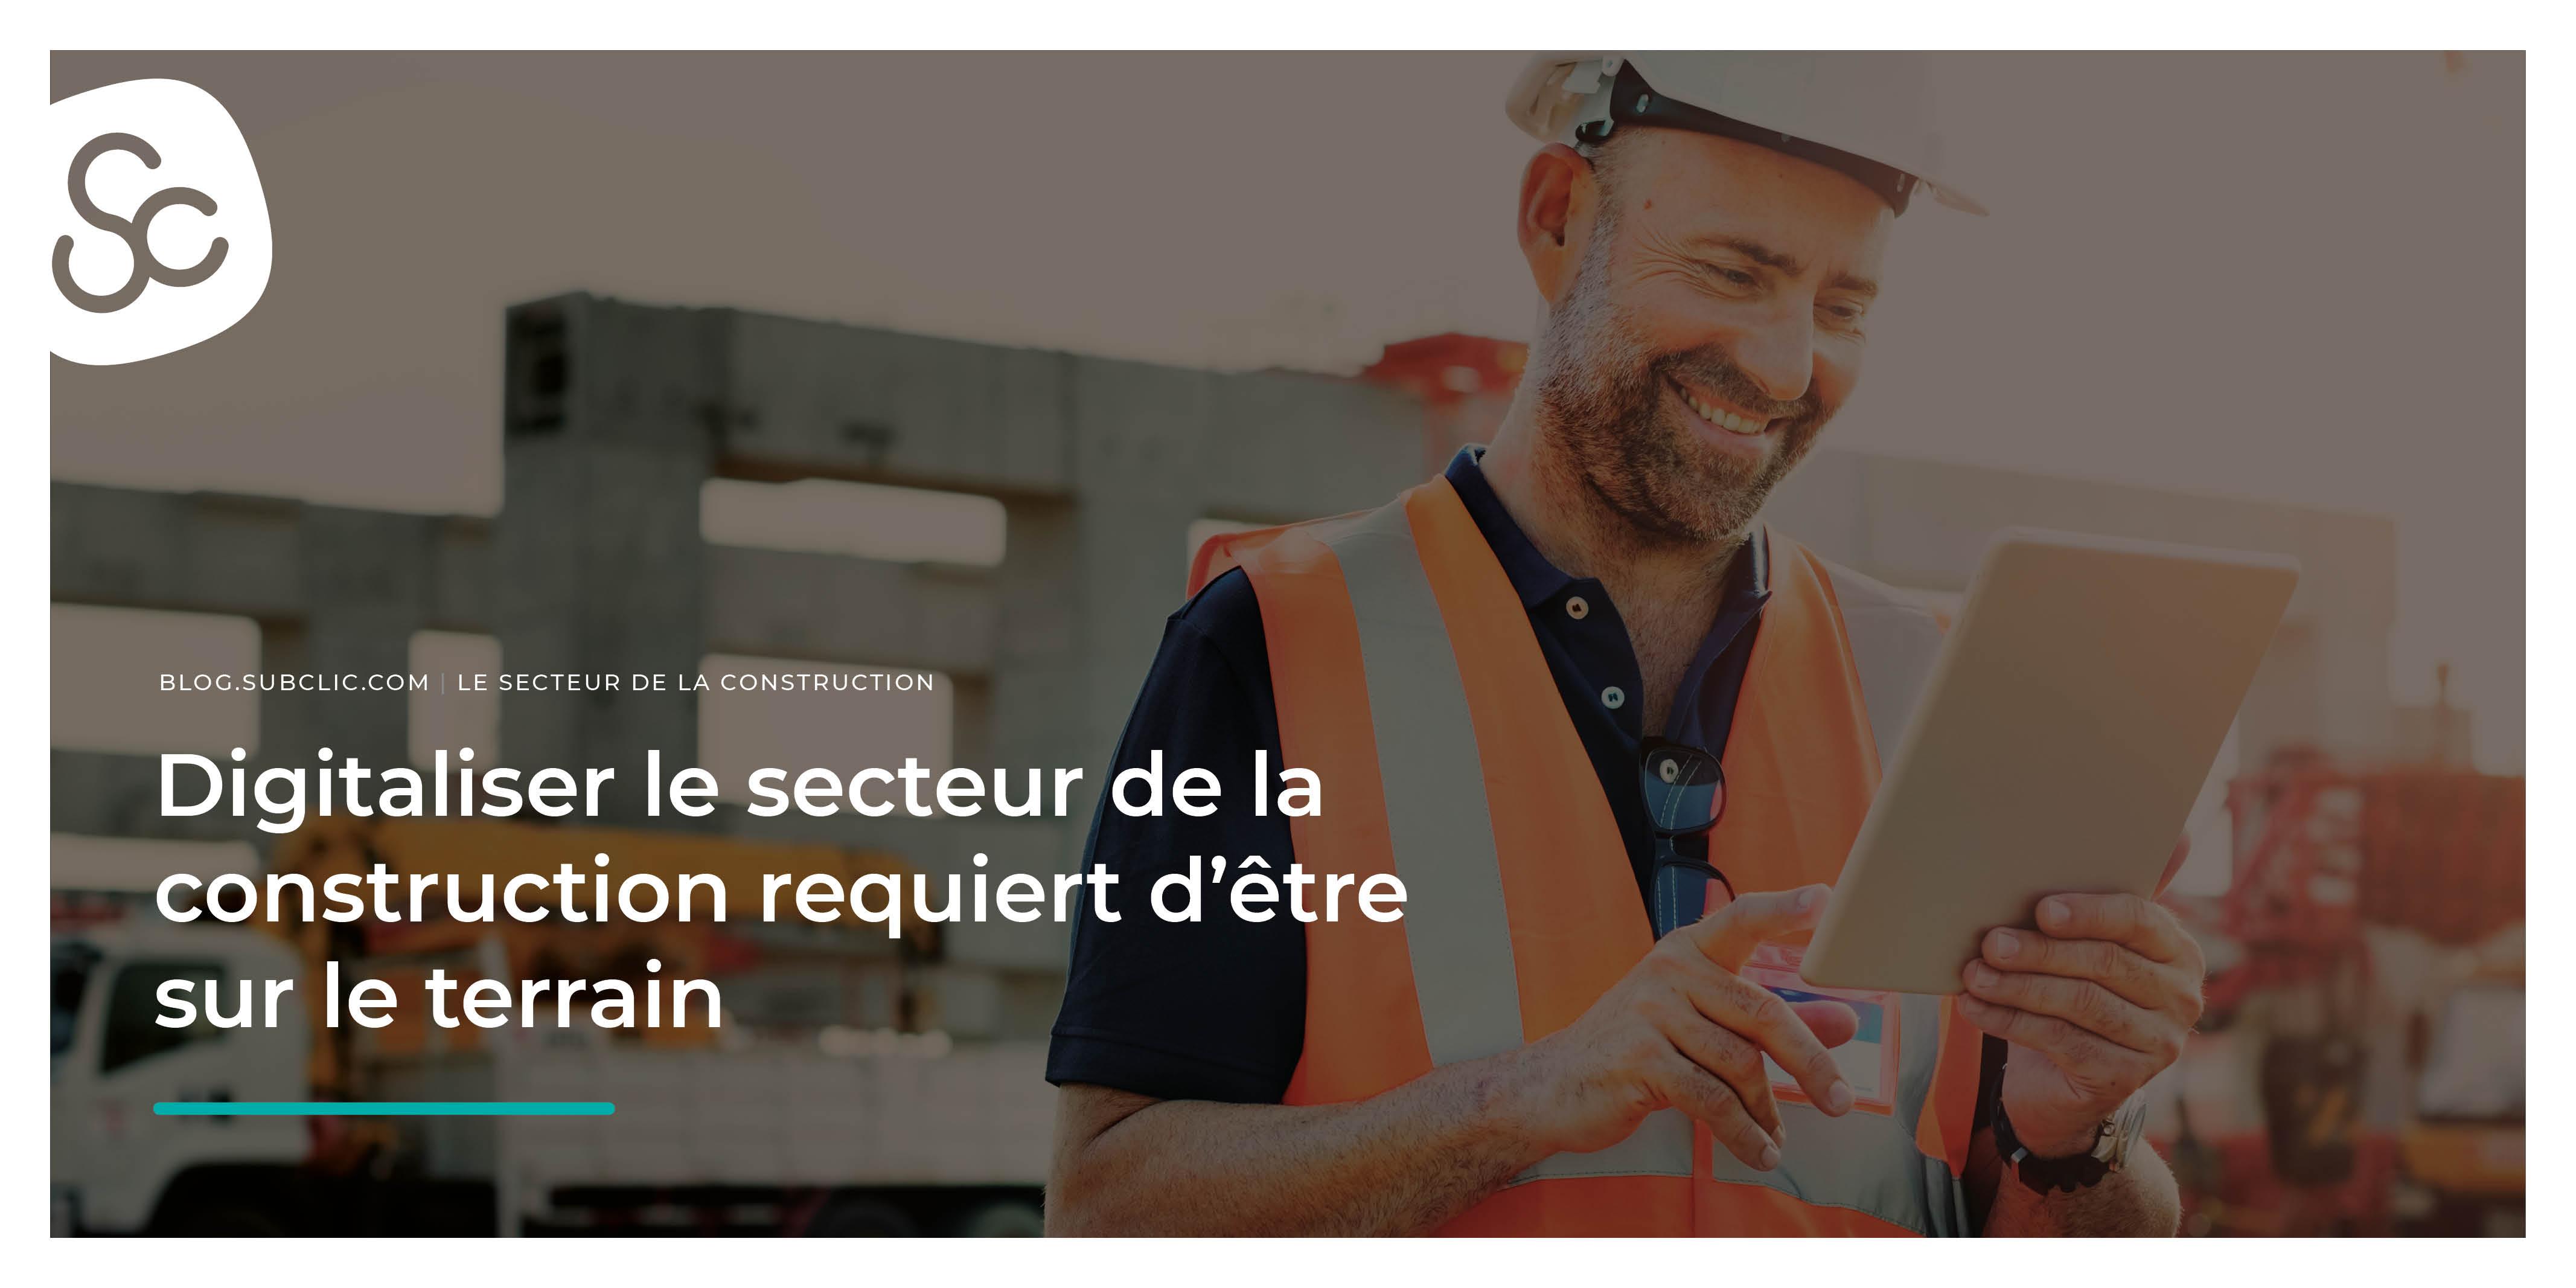 Digitaliser le secteur de la construction requiert d'être sur le terrain - Subclic, le Blog